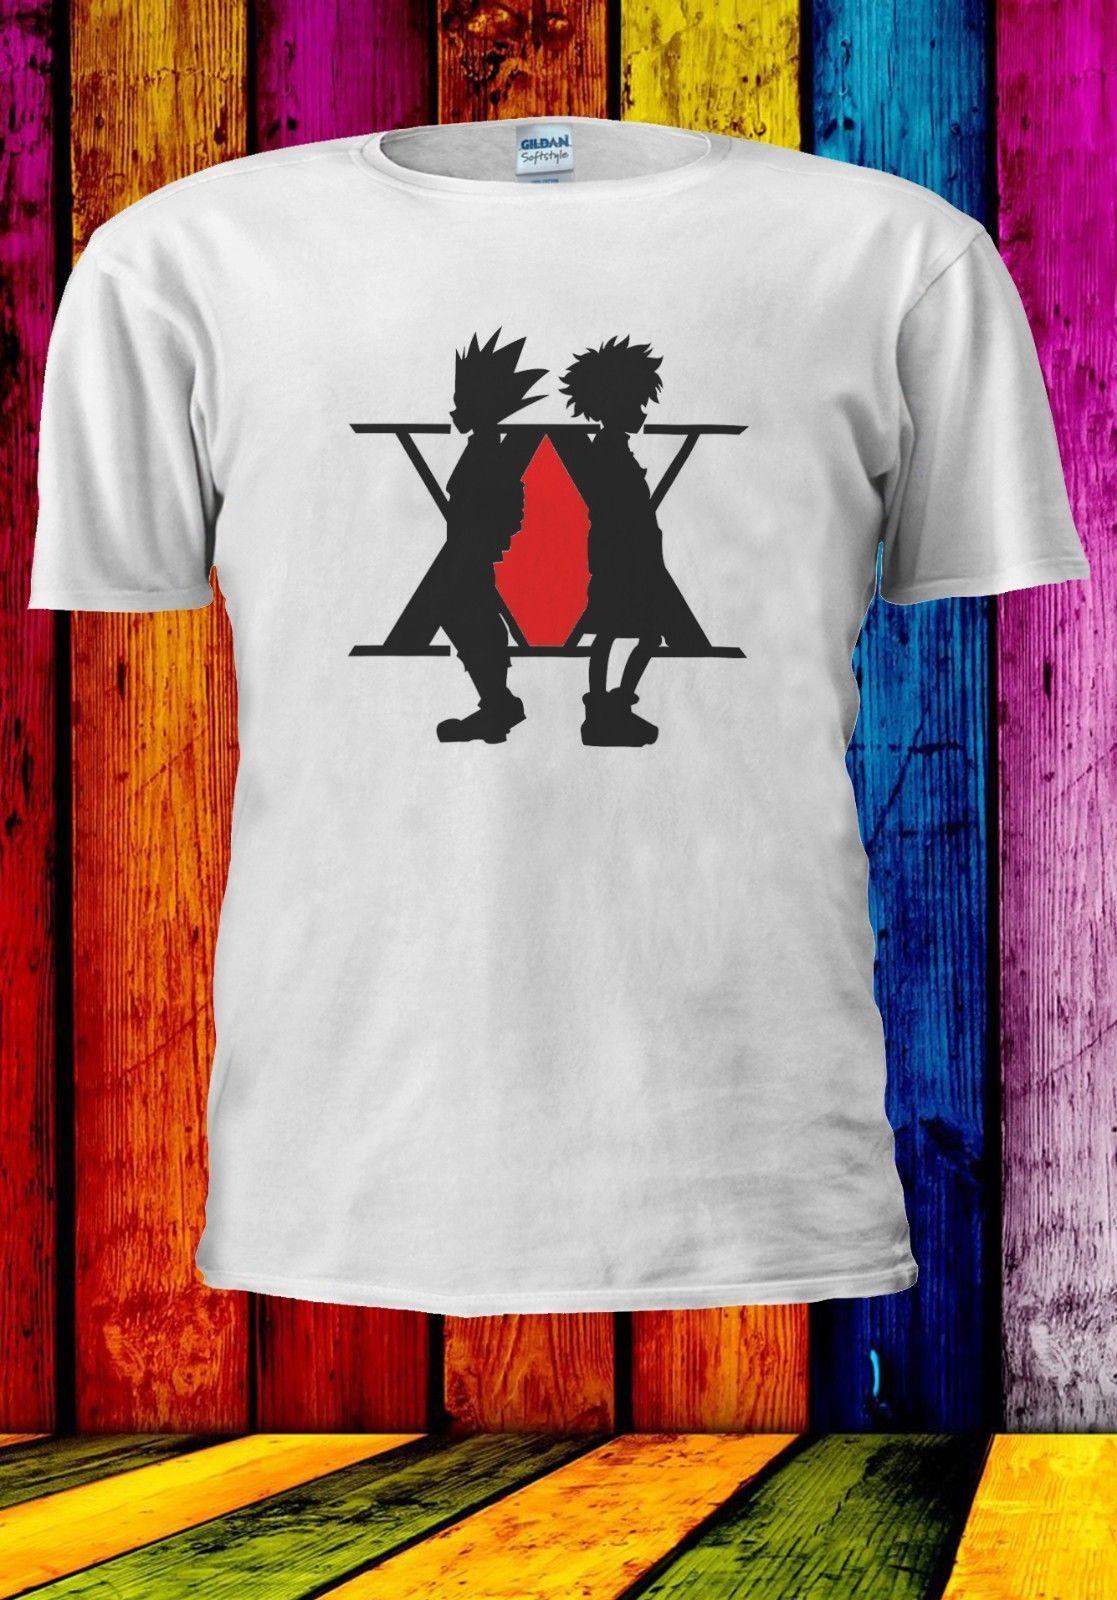 0ff8e8e39 HUNTER X HUNTER MANGA JAPAN Gon Freecss Kurapika Men Women Unisex T Shirt  942 Men Women Unisex Fashion Tshirt Super Cool T Shirts And T Shirts From  ...